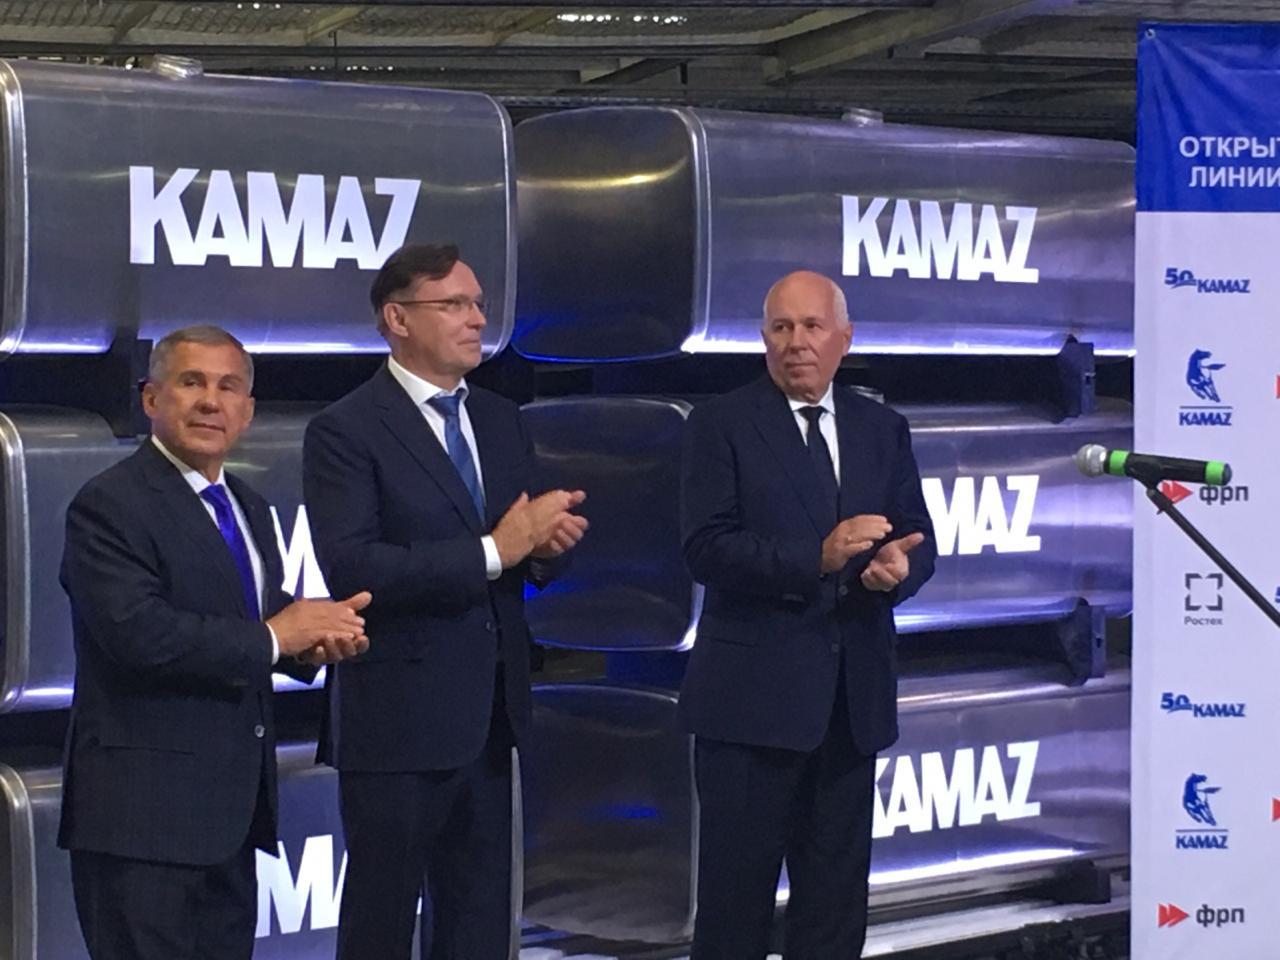 На «КАМАЗе» запустили производство алюминиевых топливных баков